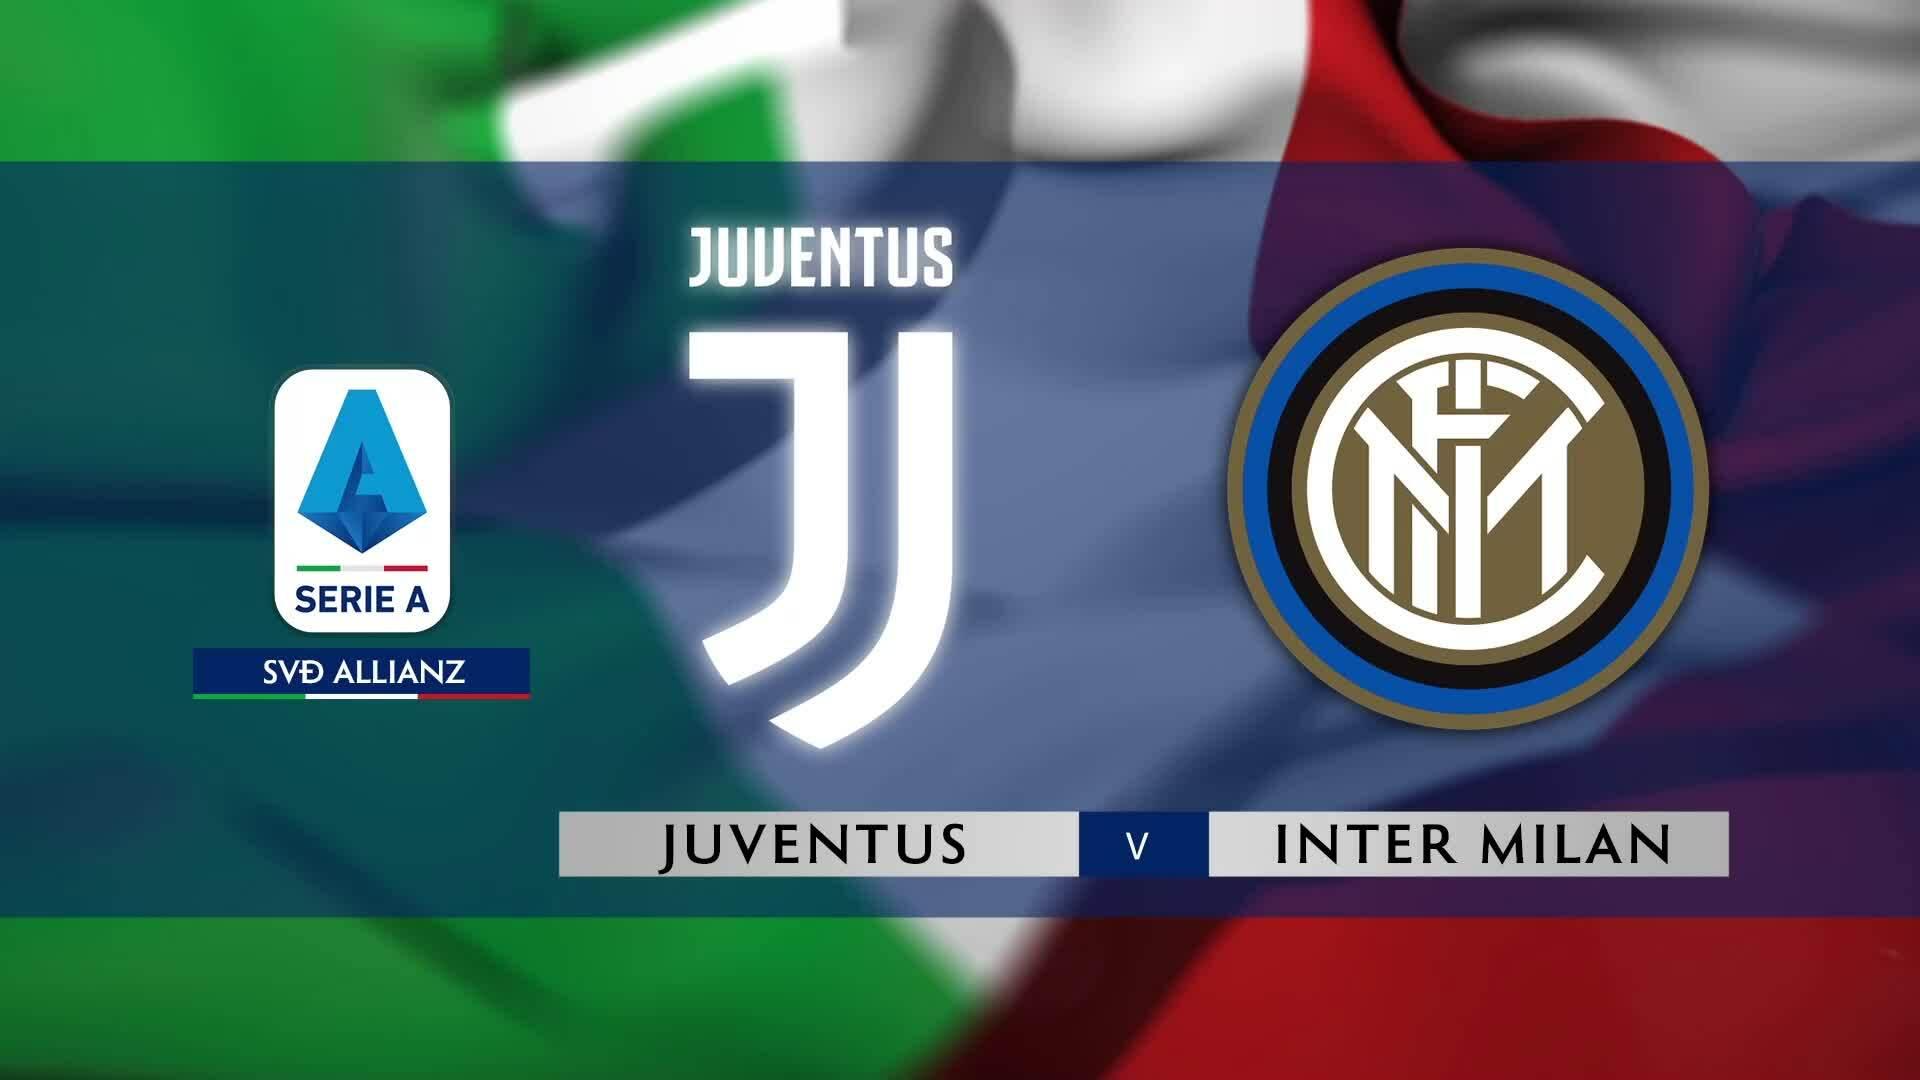 Juventus 2-0 Inter Milan